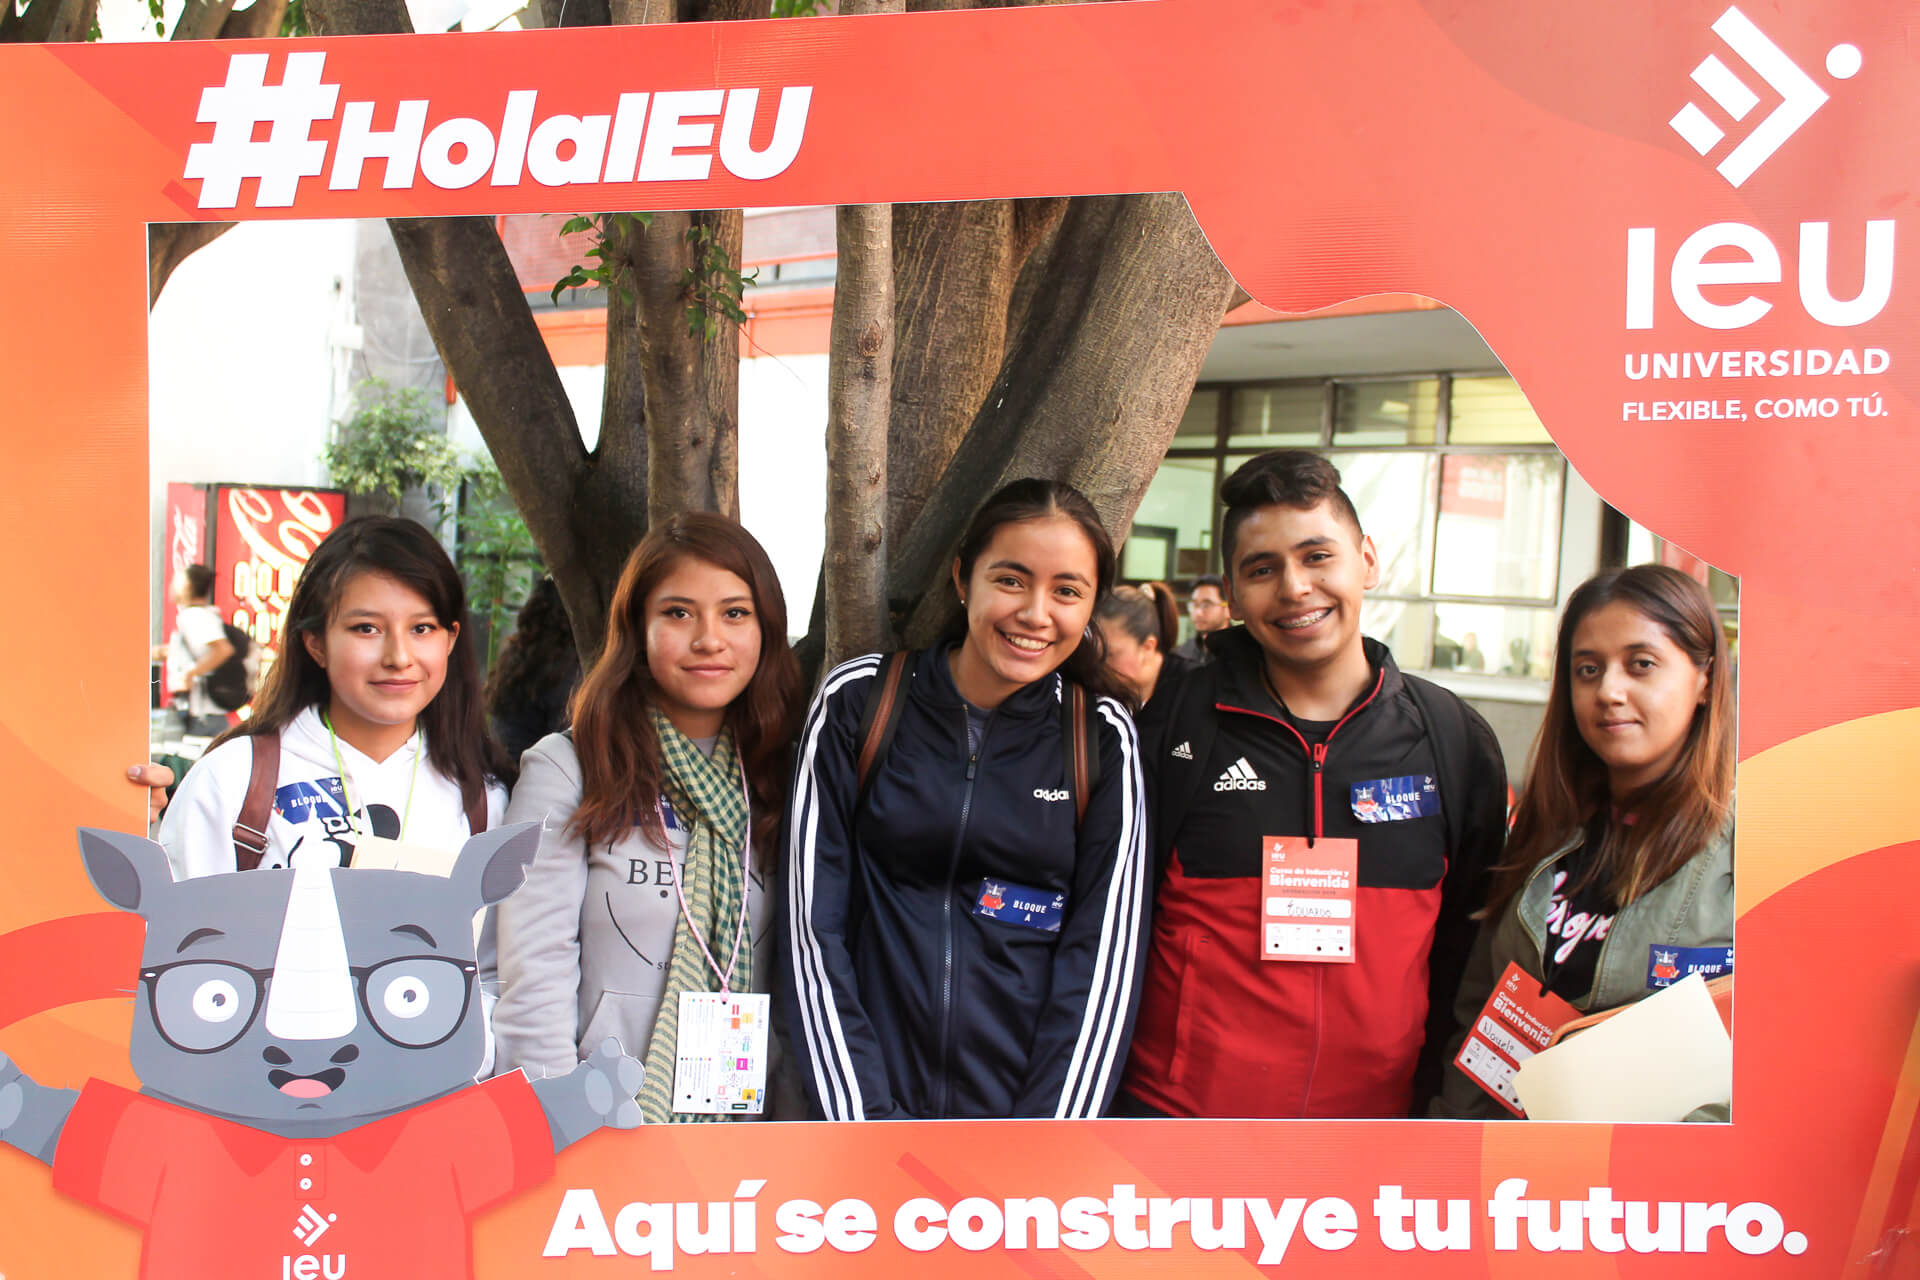 Universidad Ieu Da La Bienvenida A Más De 1200 Alumnos De Licenciaturas 03